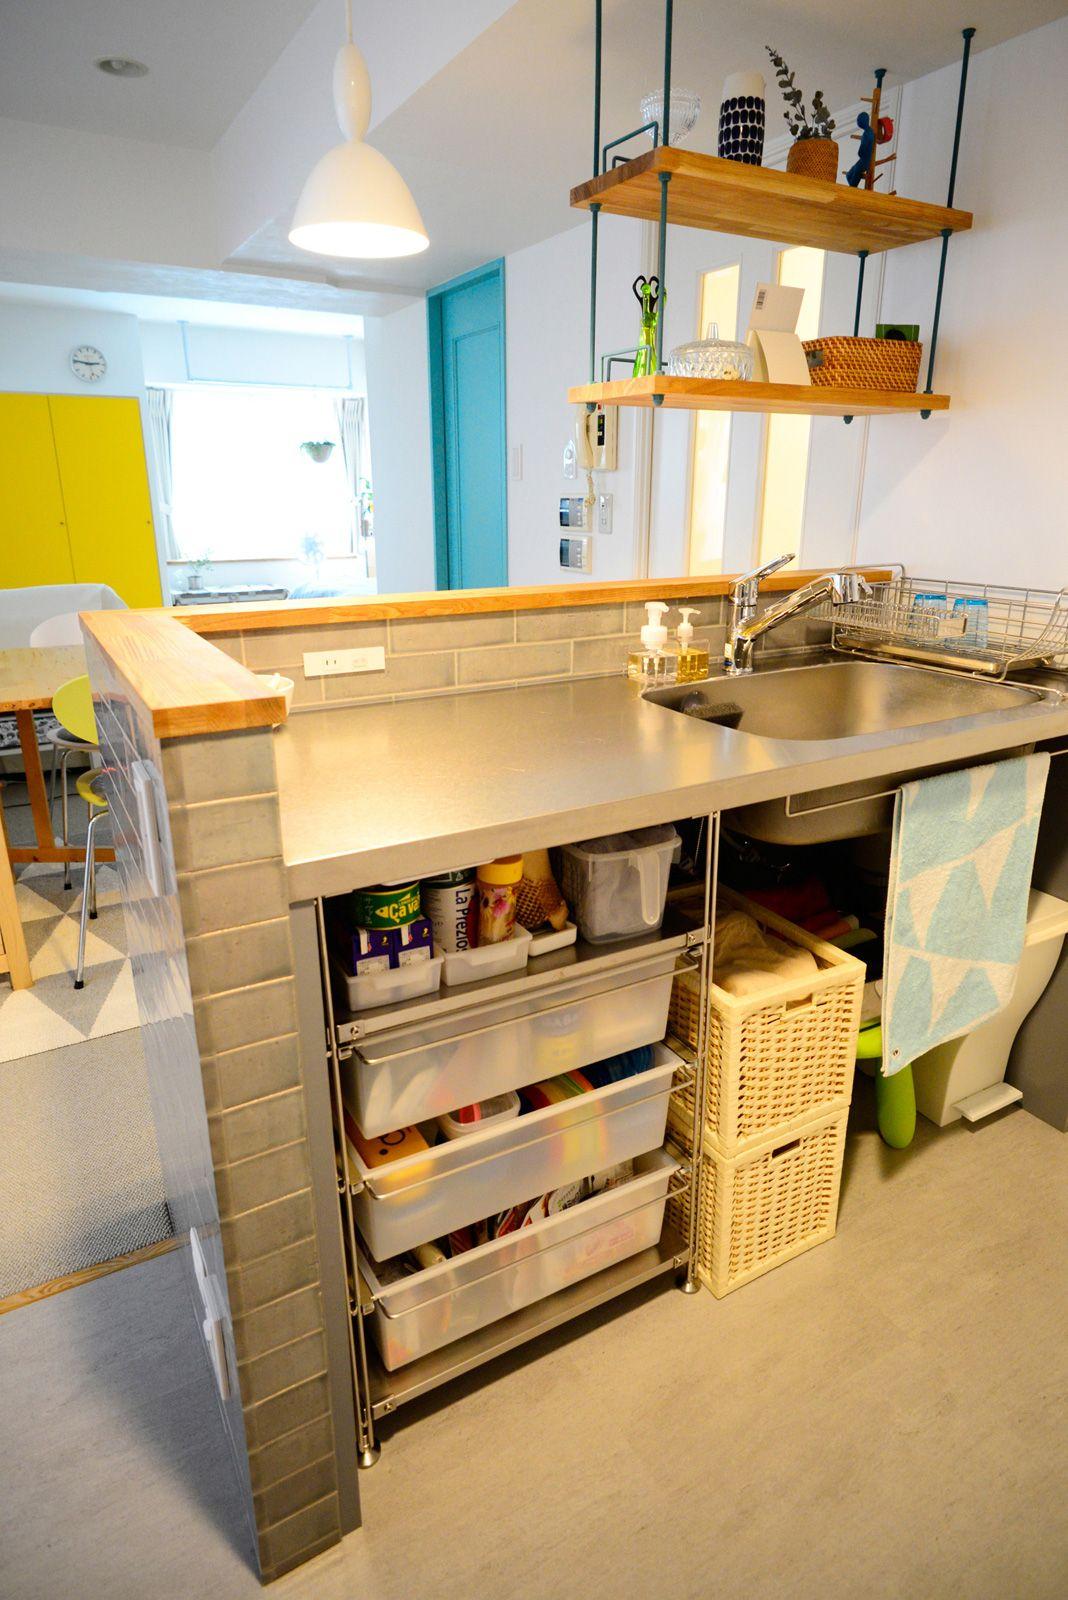 セミクローズだったキッチンの壁を取り払い 視界が抜けるオープンな 型キッチンへ 無印良品のワイヤーラック下部は 備蓄品やゴミ箱もスッキリ収納でき 使いやすさも抜群 キッチン ステンレス 収納 造作キッチン リノベーション キッチン リノベーション